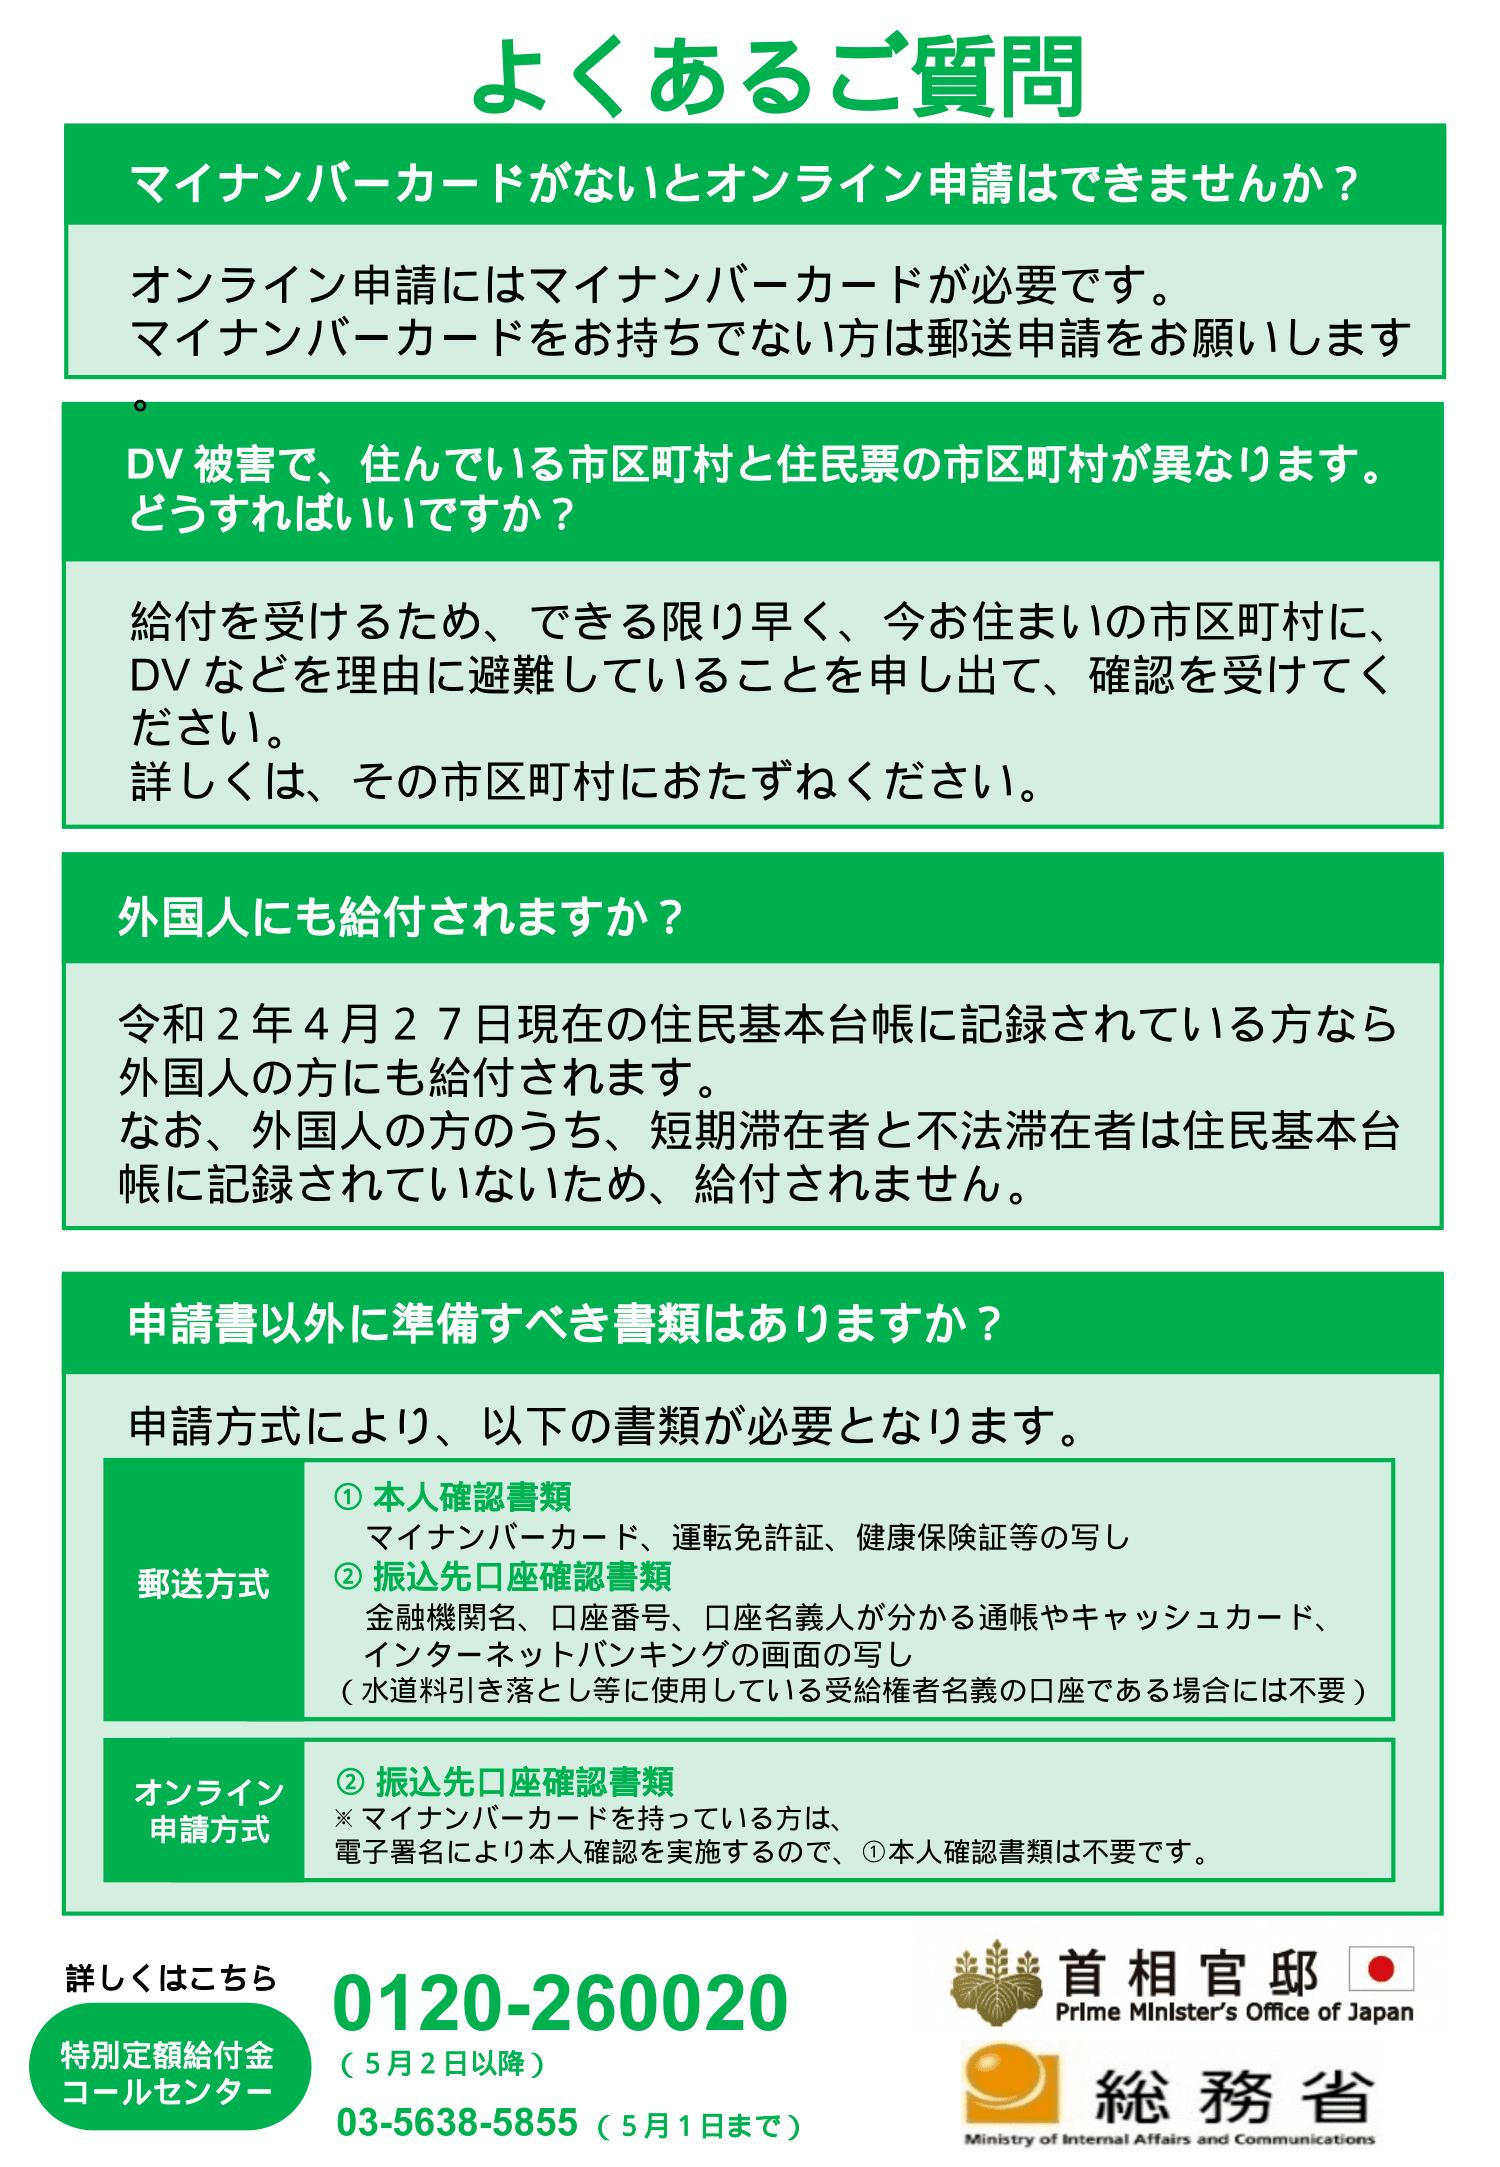 【外国人の皆様へ】10万円給付についての情報